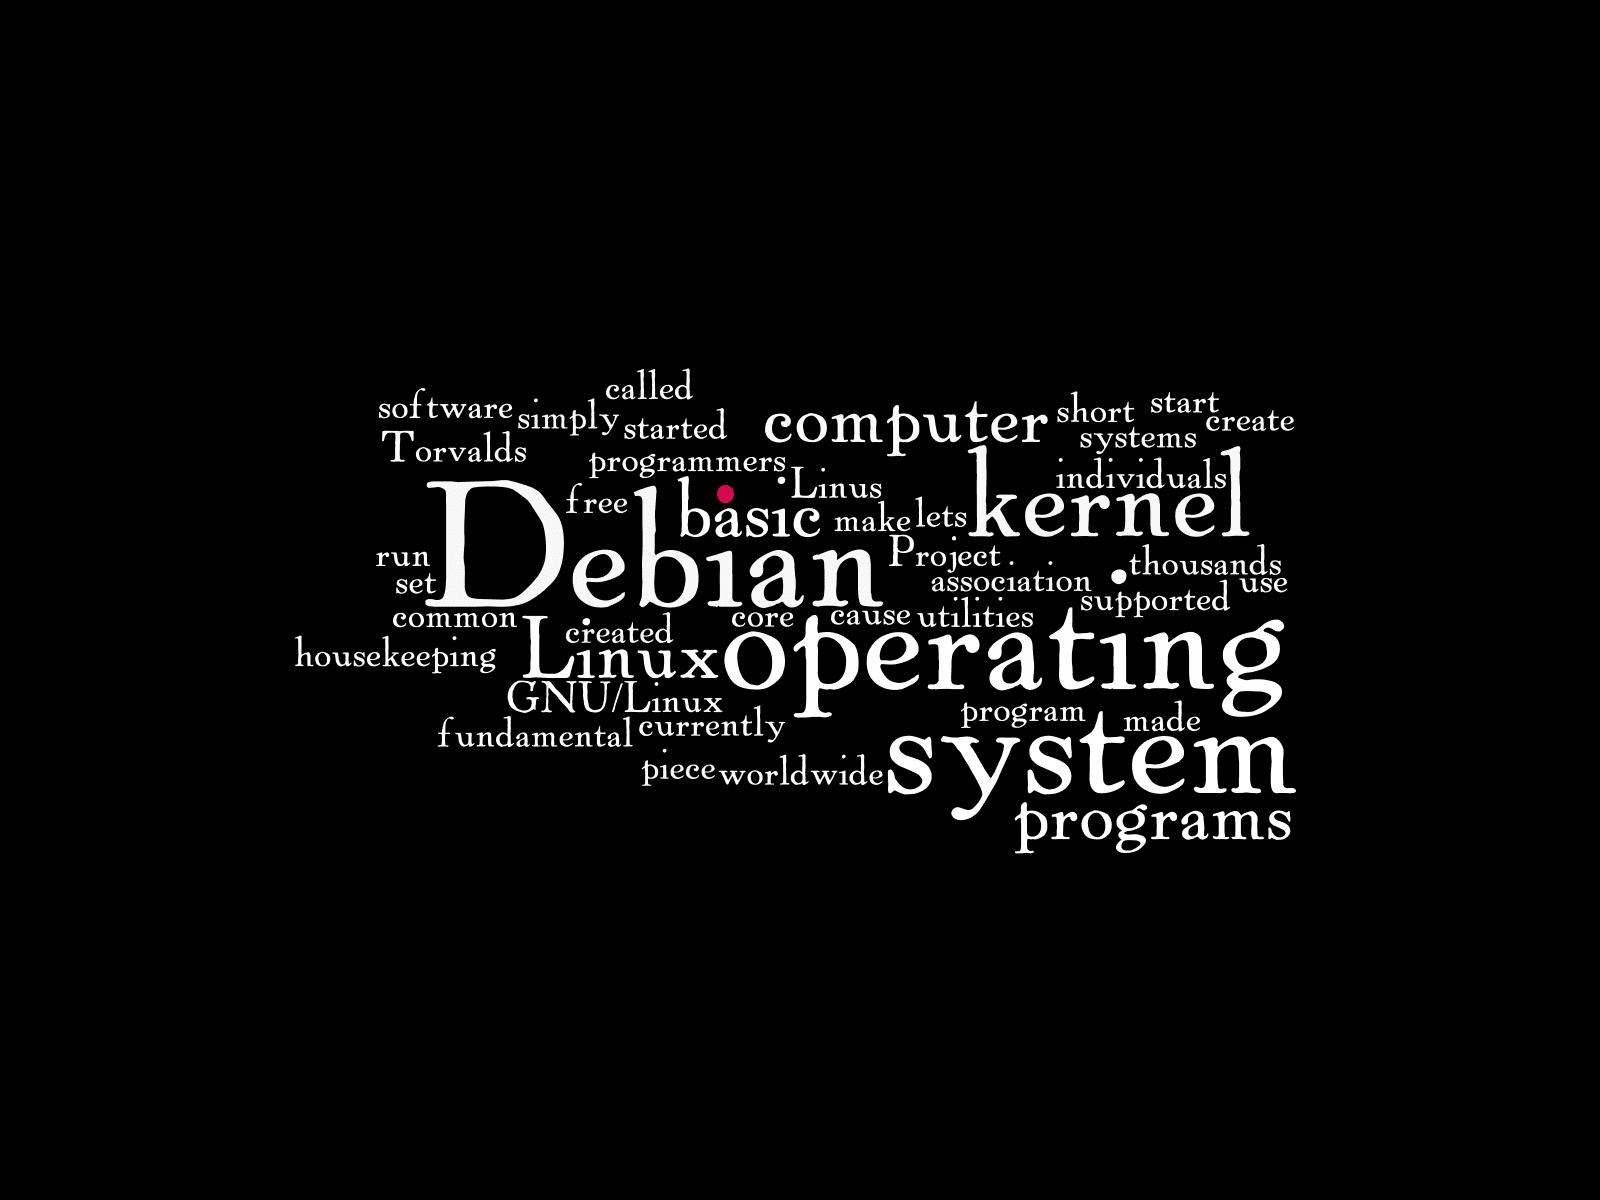 debian_wallpaper_2